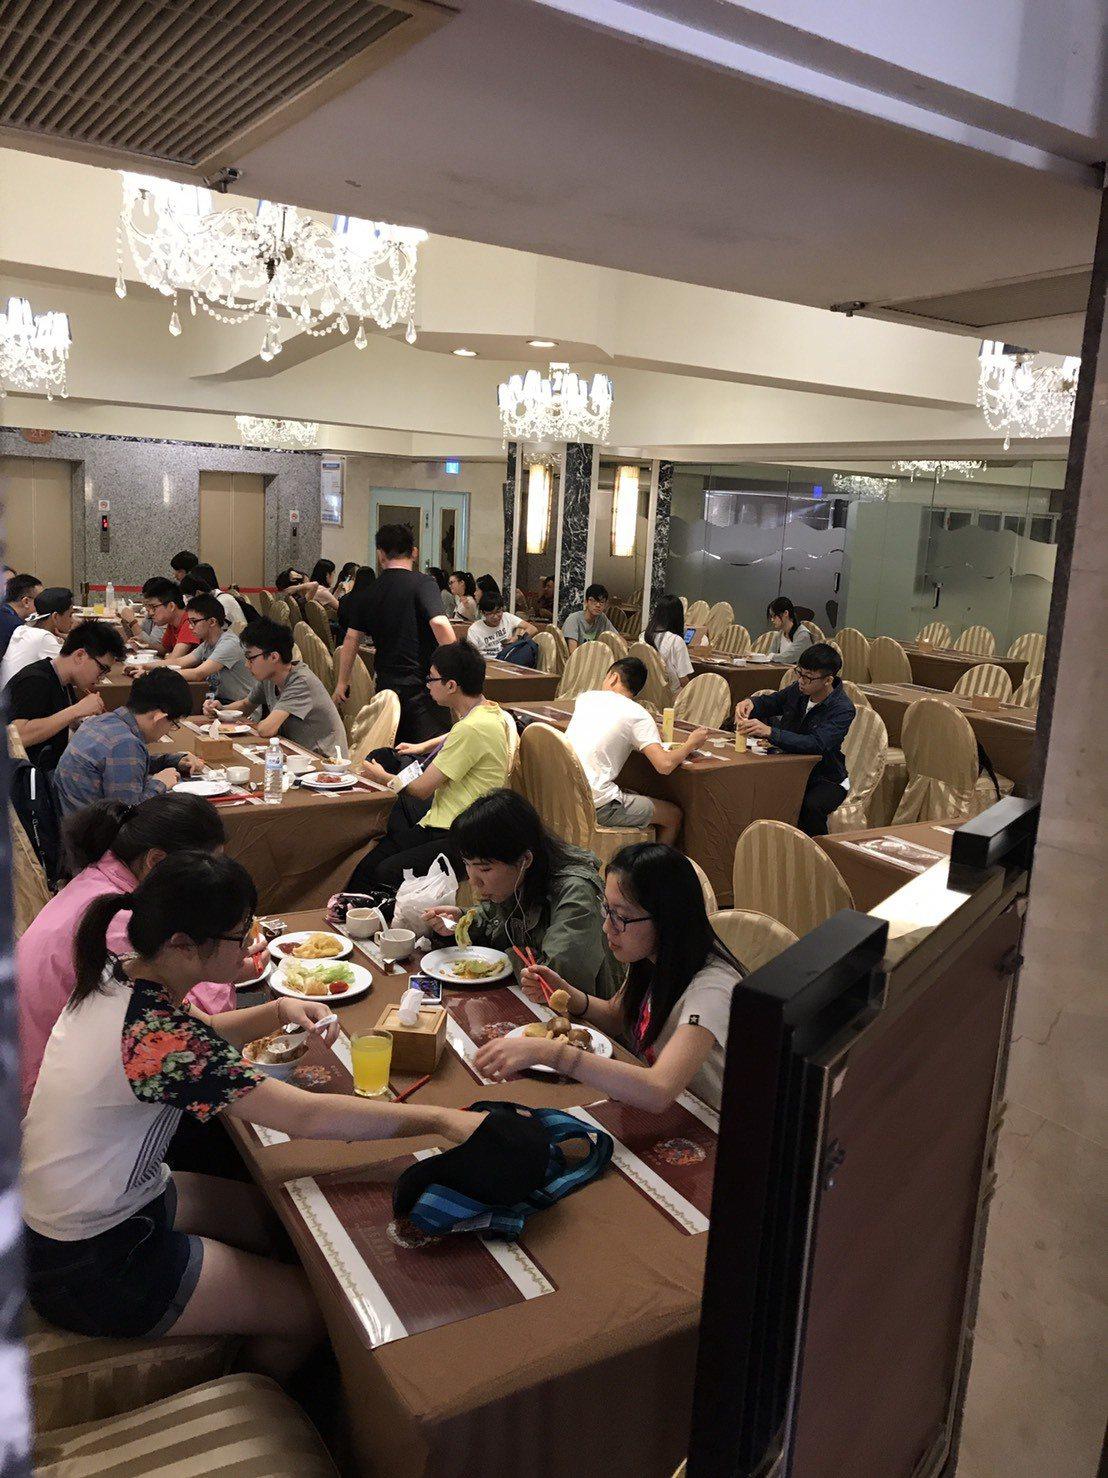 高雄漢王洲際飯店餐飲部明年1月18日起暫停營業。本報資料照片